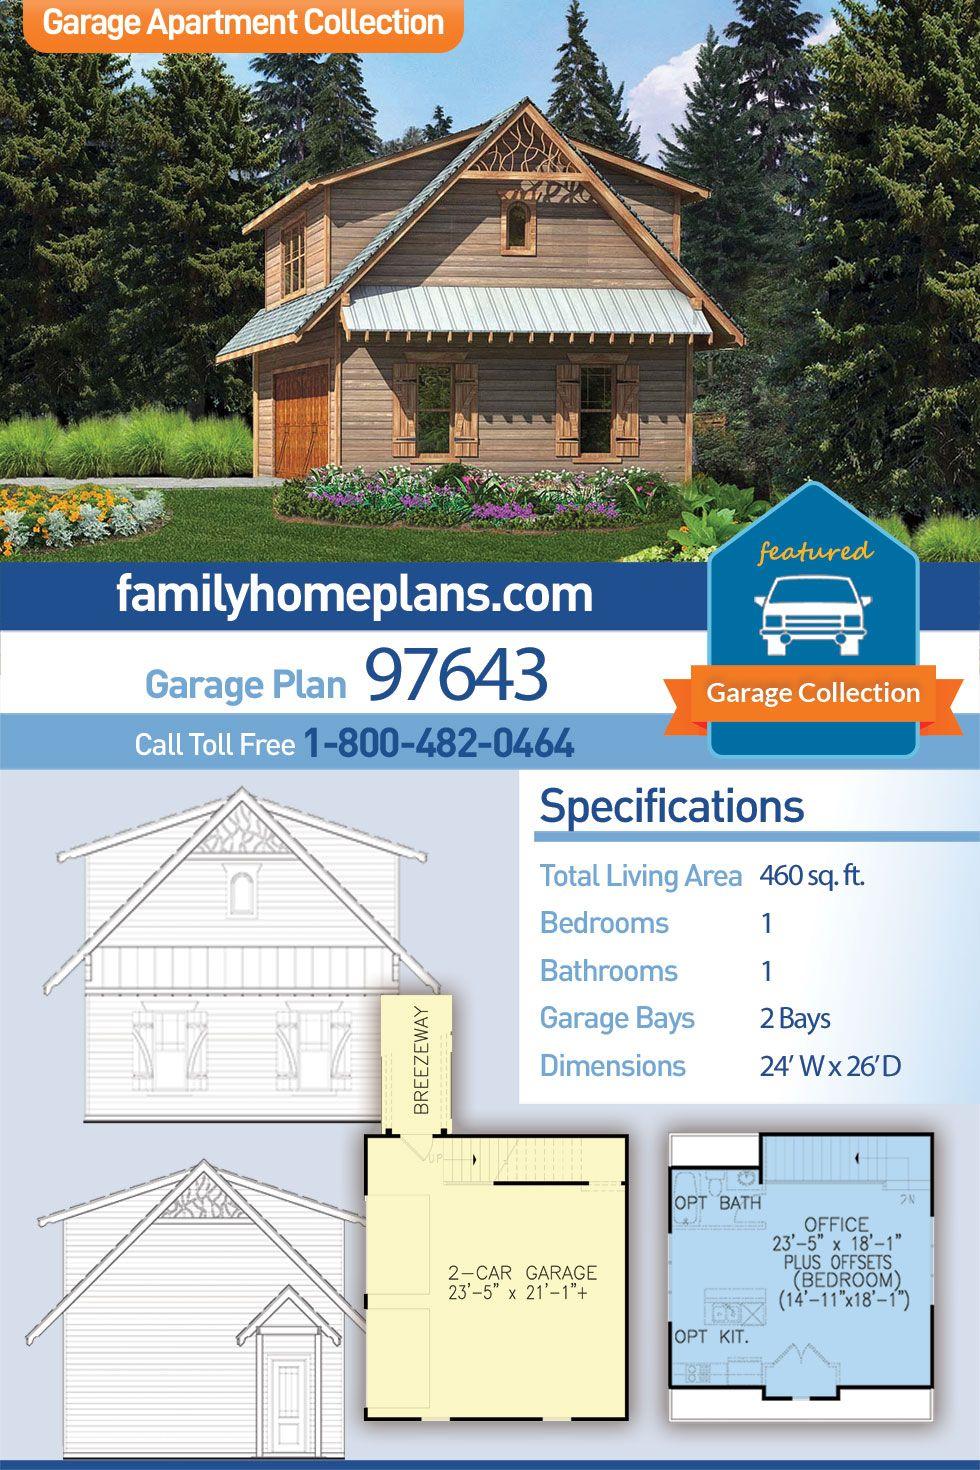 Craftsman Style 2 Car Garage Apartment Plan Number 97643 With 1 Bed 1 Bath In 2020 Garage Plan Garage Apartments Garage Apartment Plan